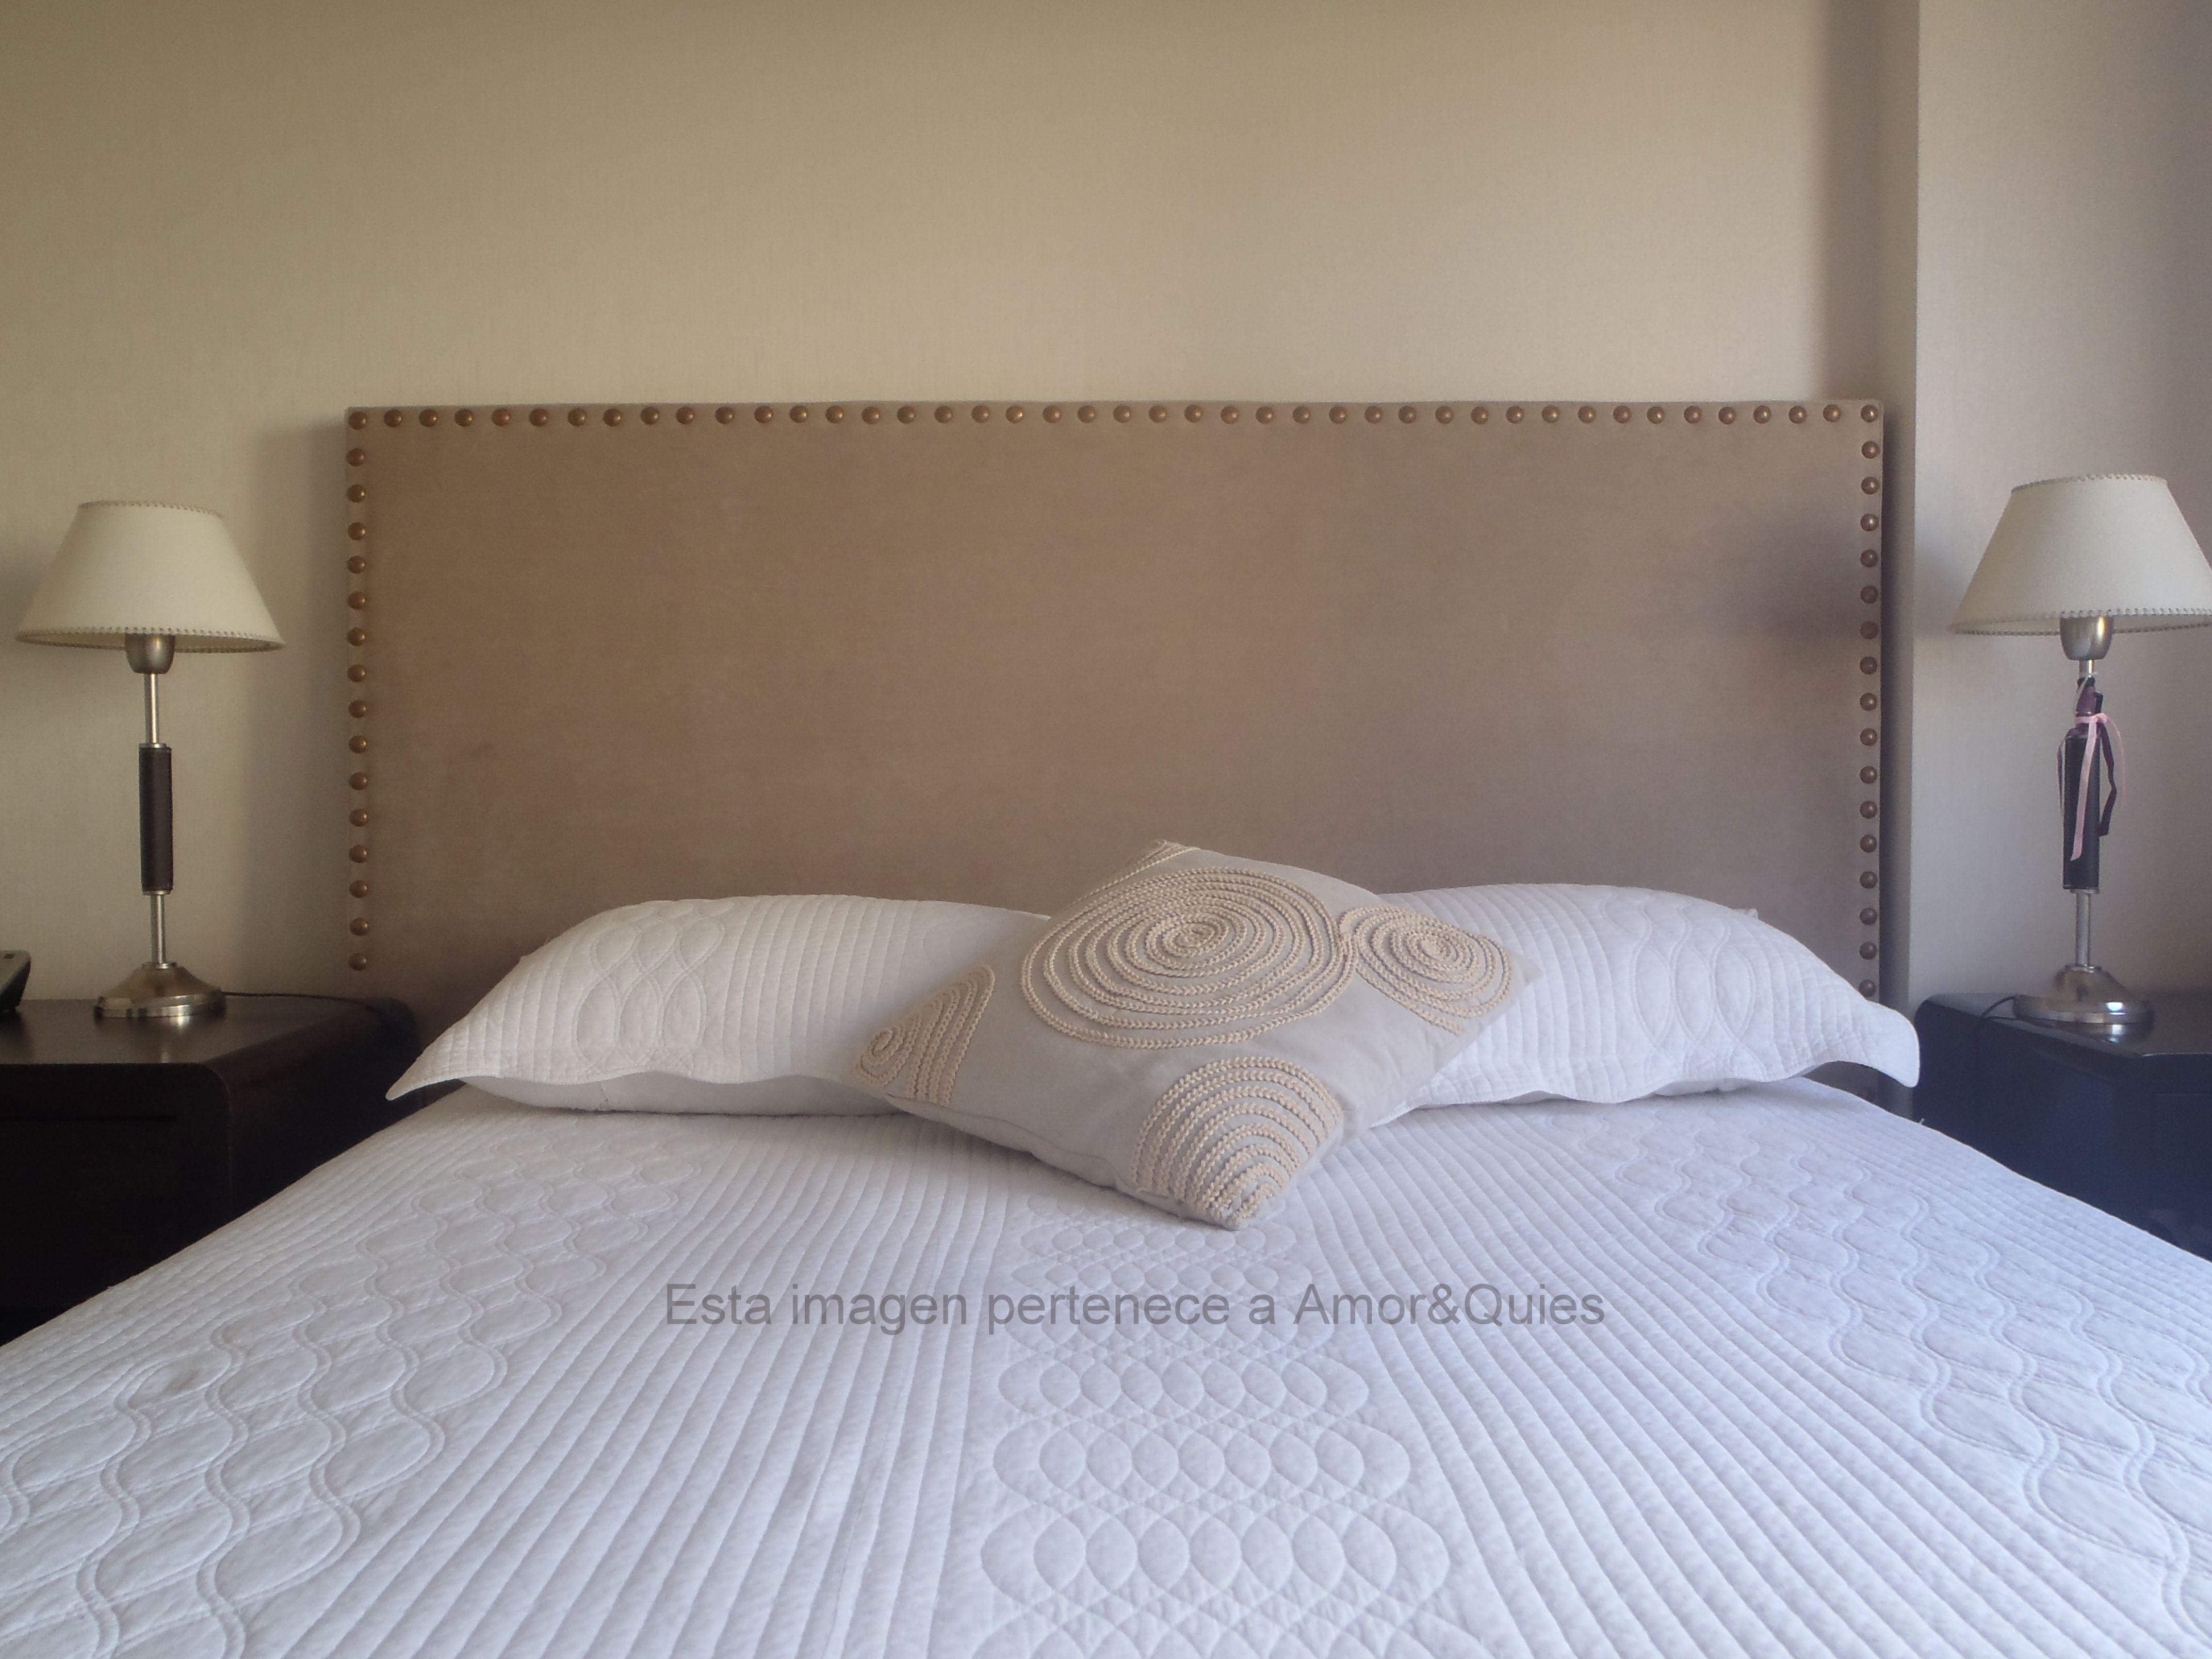 Respaldo con Tachas oxidé XL tapizado en pana beige! www.amoryquies ...